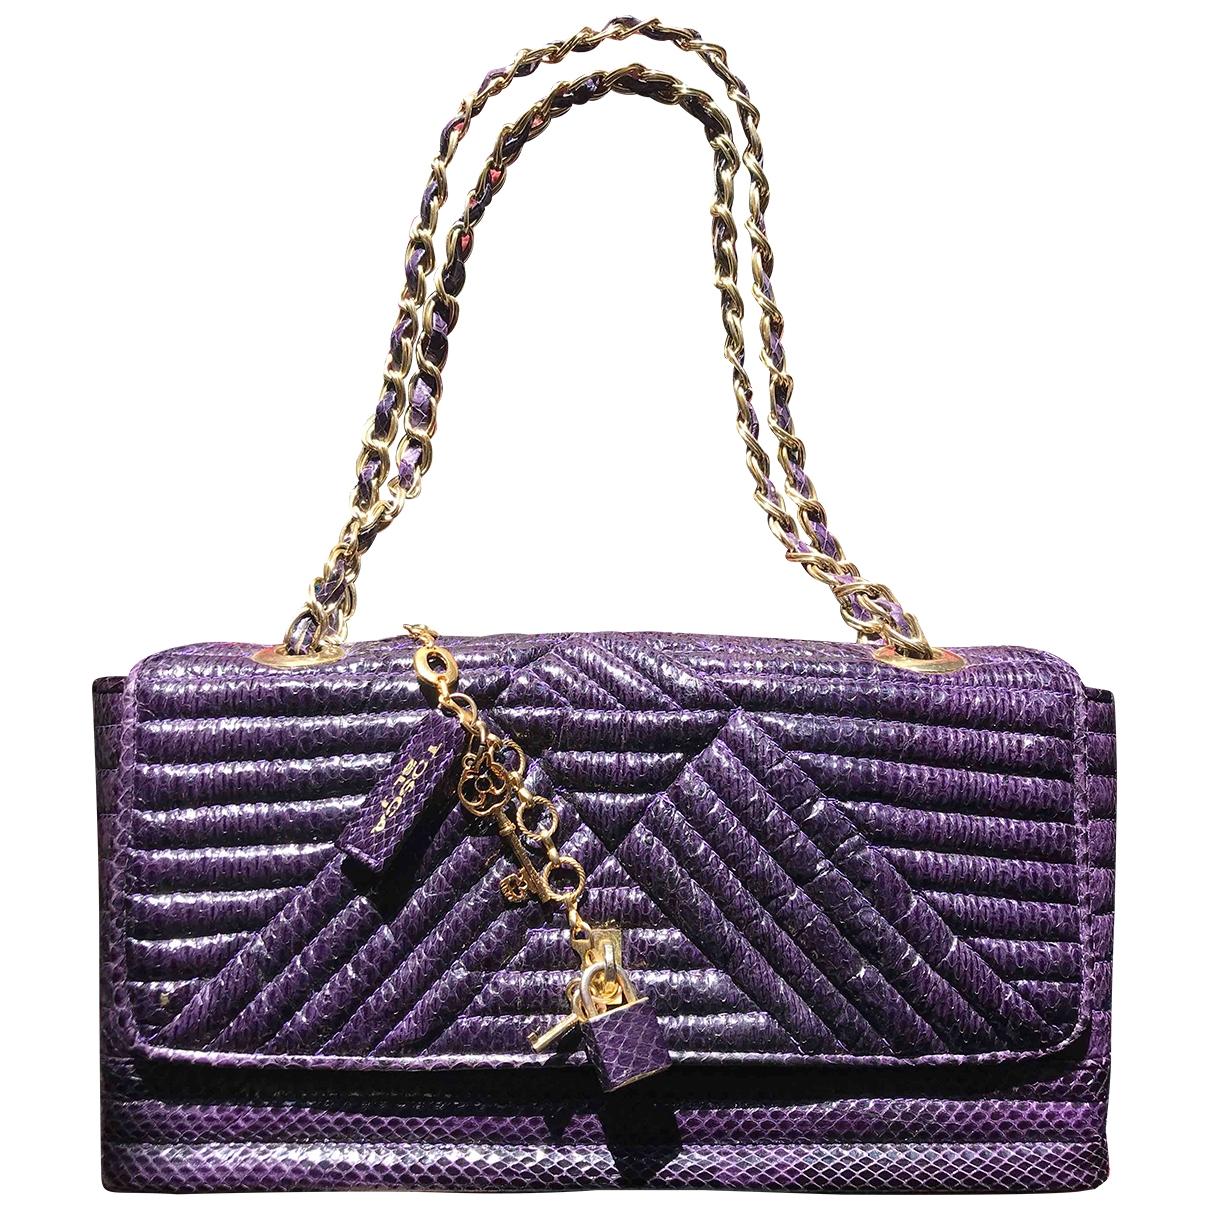 Tosca Blu \N Purple Water snake handbag for Women \N